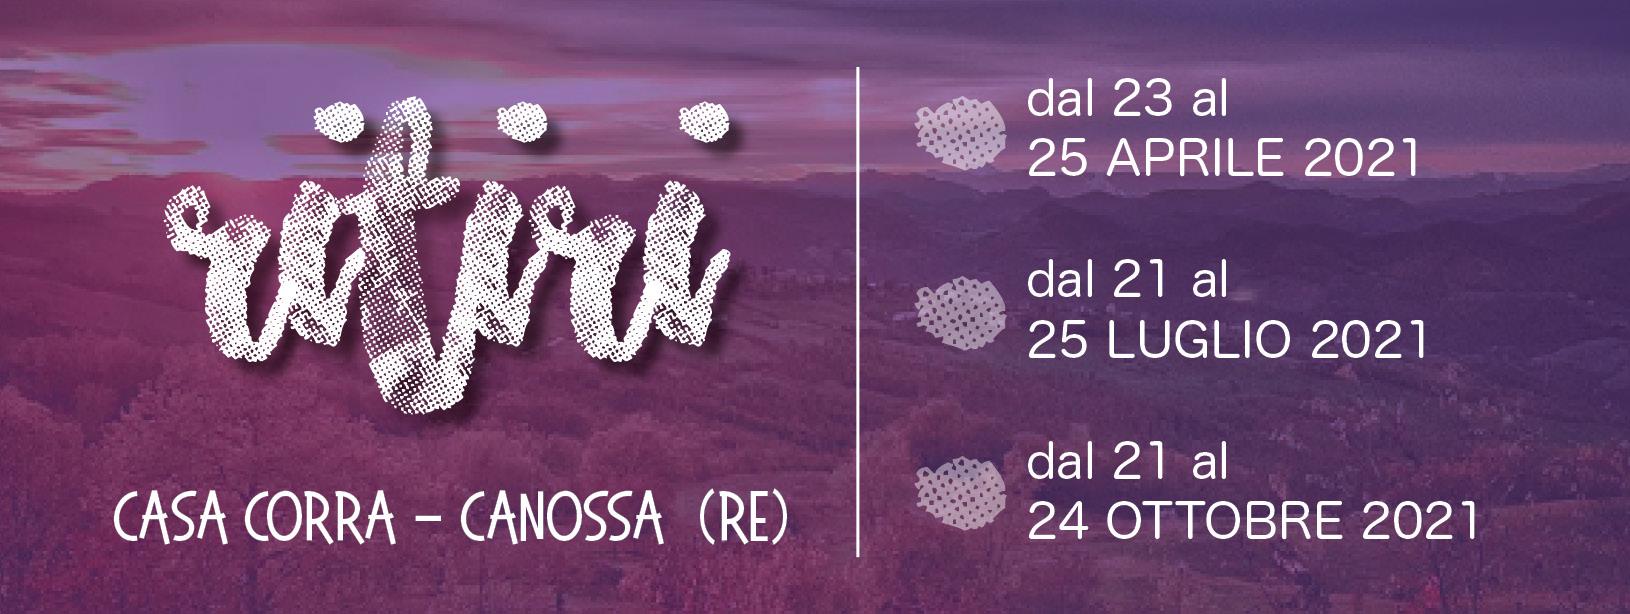 Banner_Tutti WEB ritiri